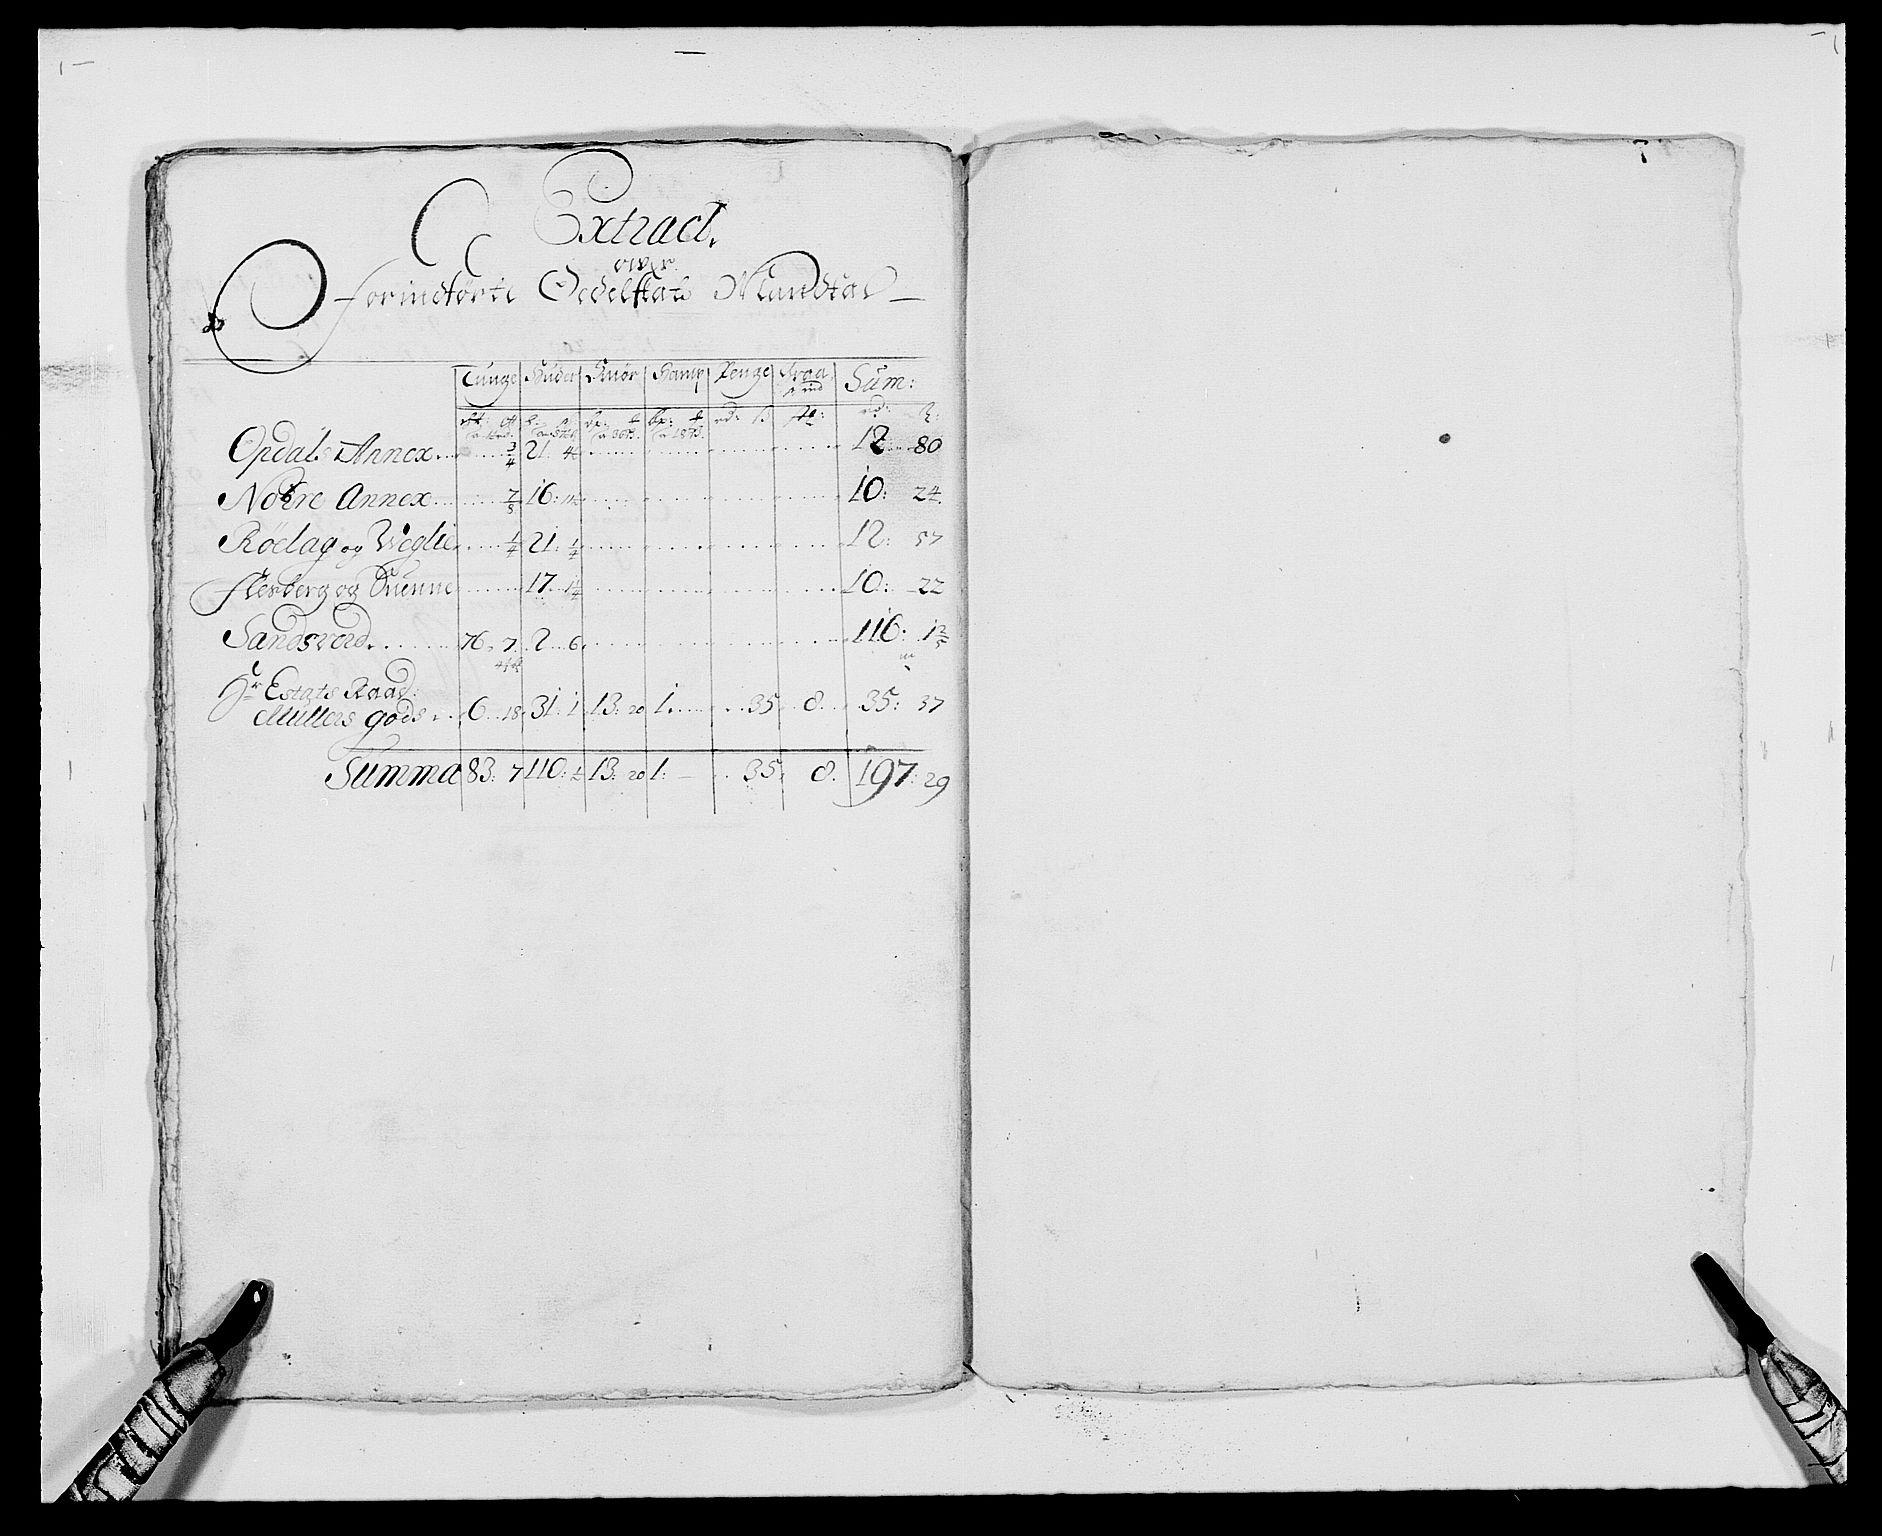 RA, Rentekammeret inntil 1814, Reviderte regnskaper, Fogderegnskap, R24/L1570: Fogderegnskap Numedal og Sandsvær, 1679-1686, s. 329